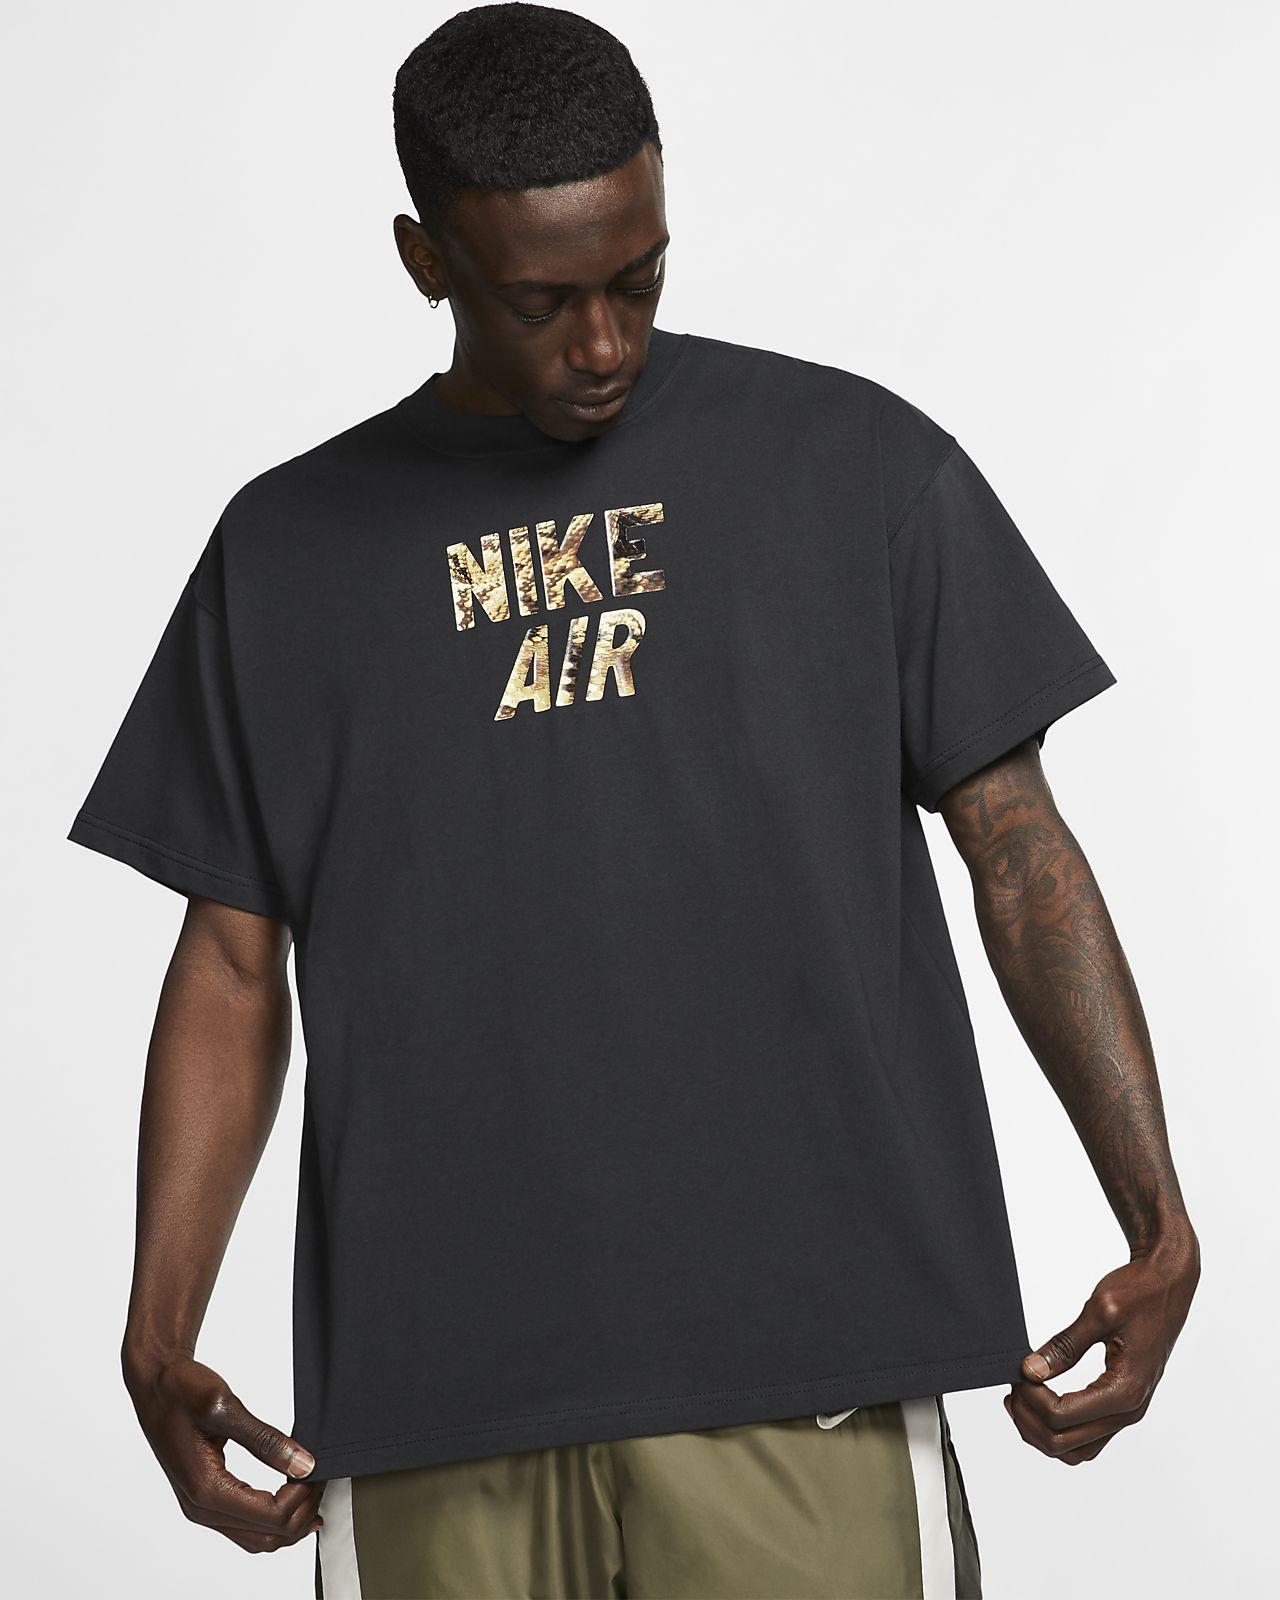 Nike AF-1 Men's T-Shirt